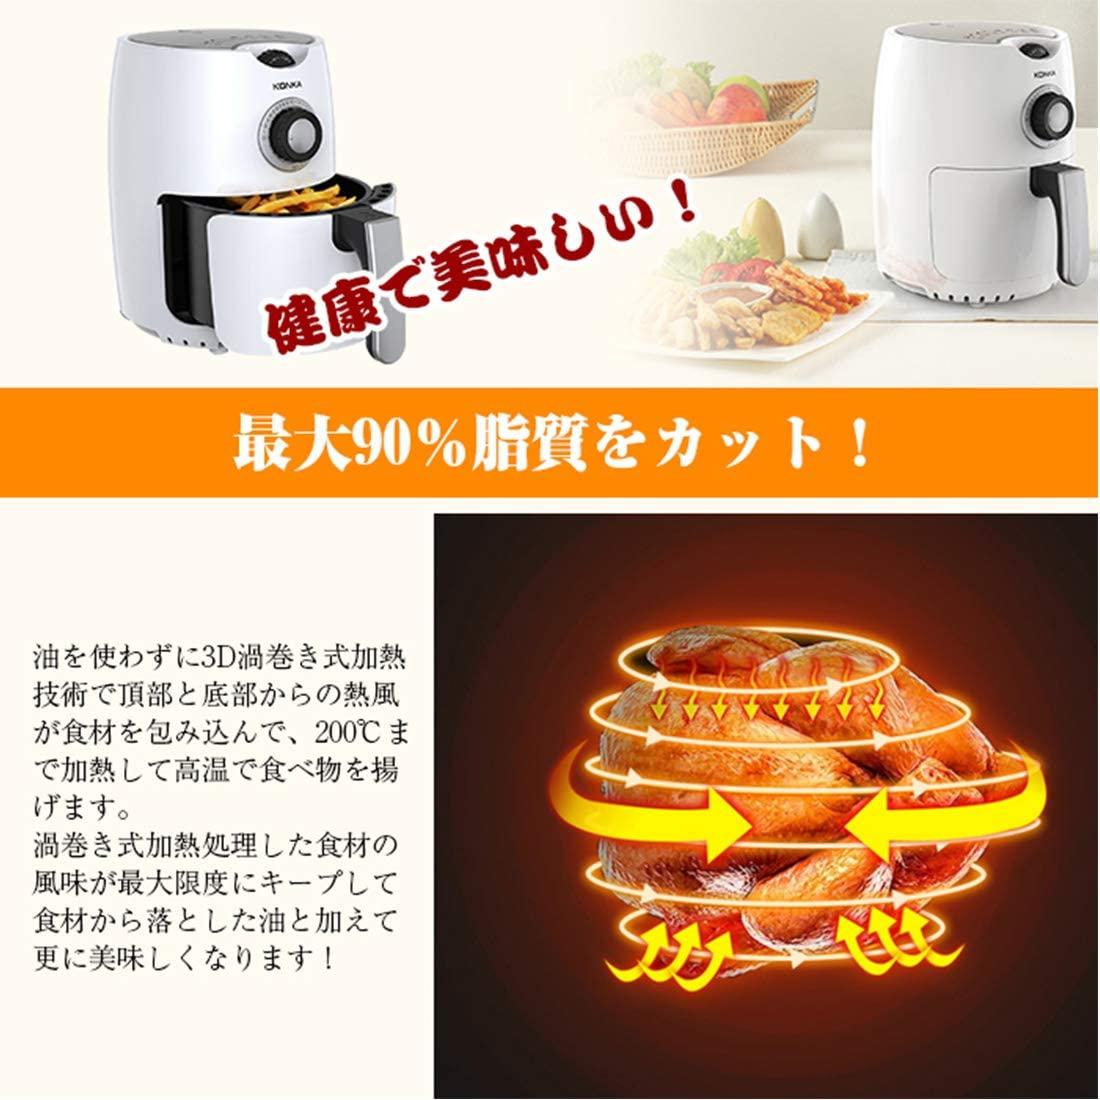 KONKA(コンカ)電気フライヤー 2.2L ホワイトの商品画像3